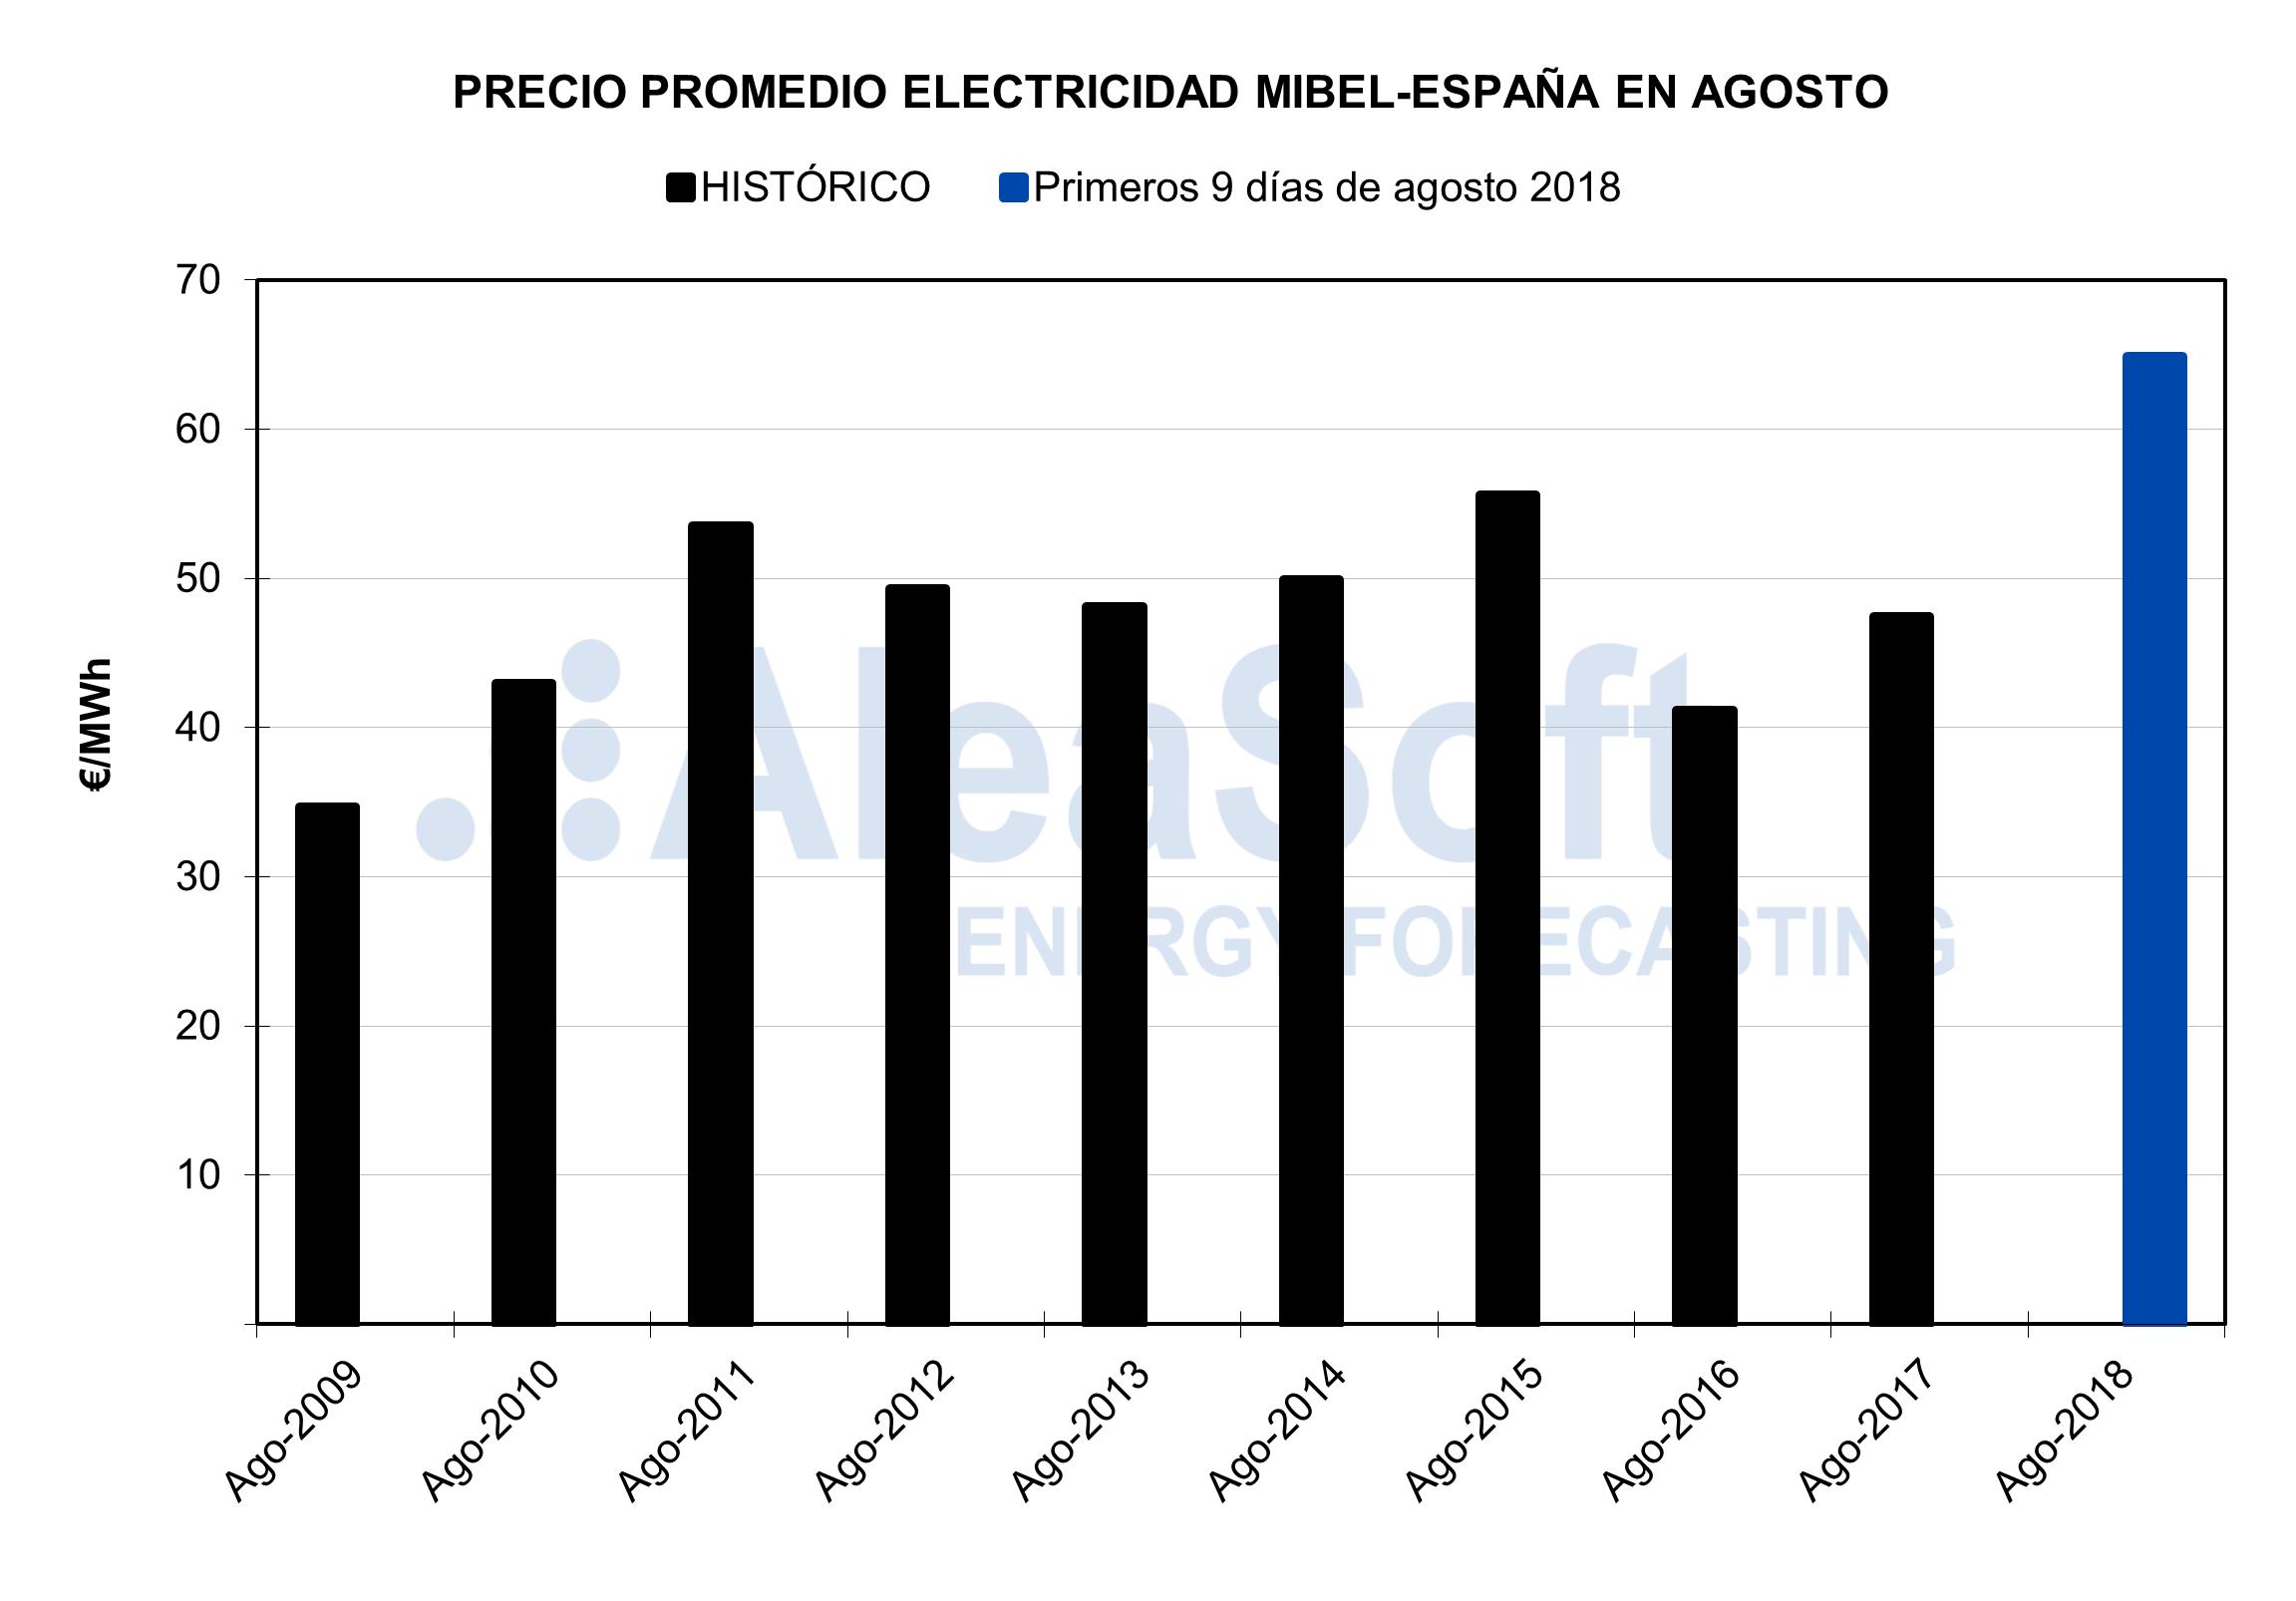 AleaSoft - Precio promedio de electricidad MIBEL-España en Agosto